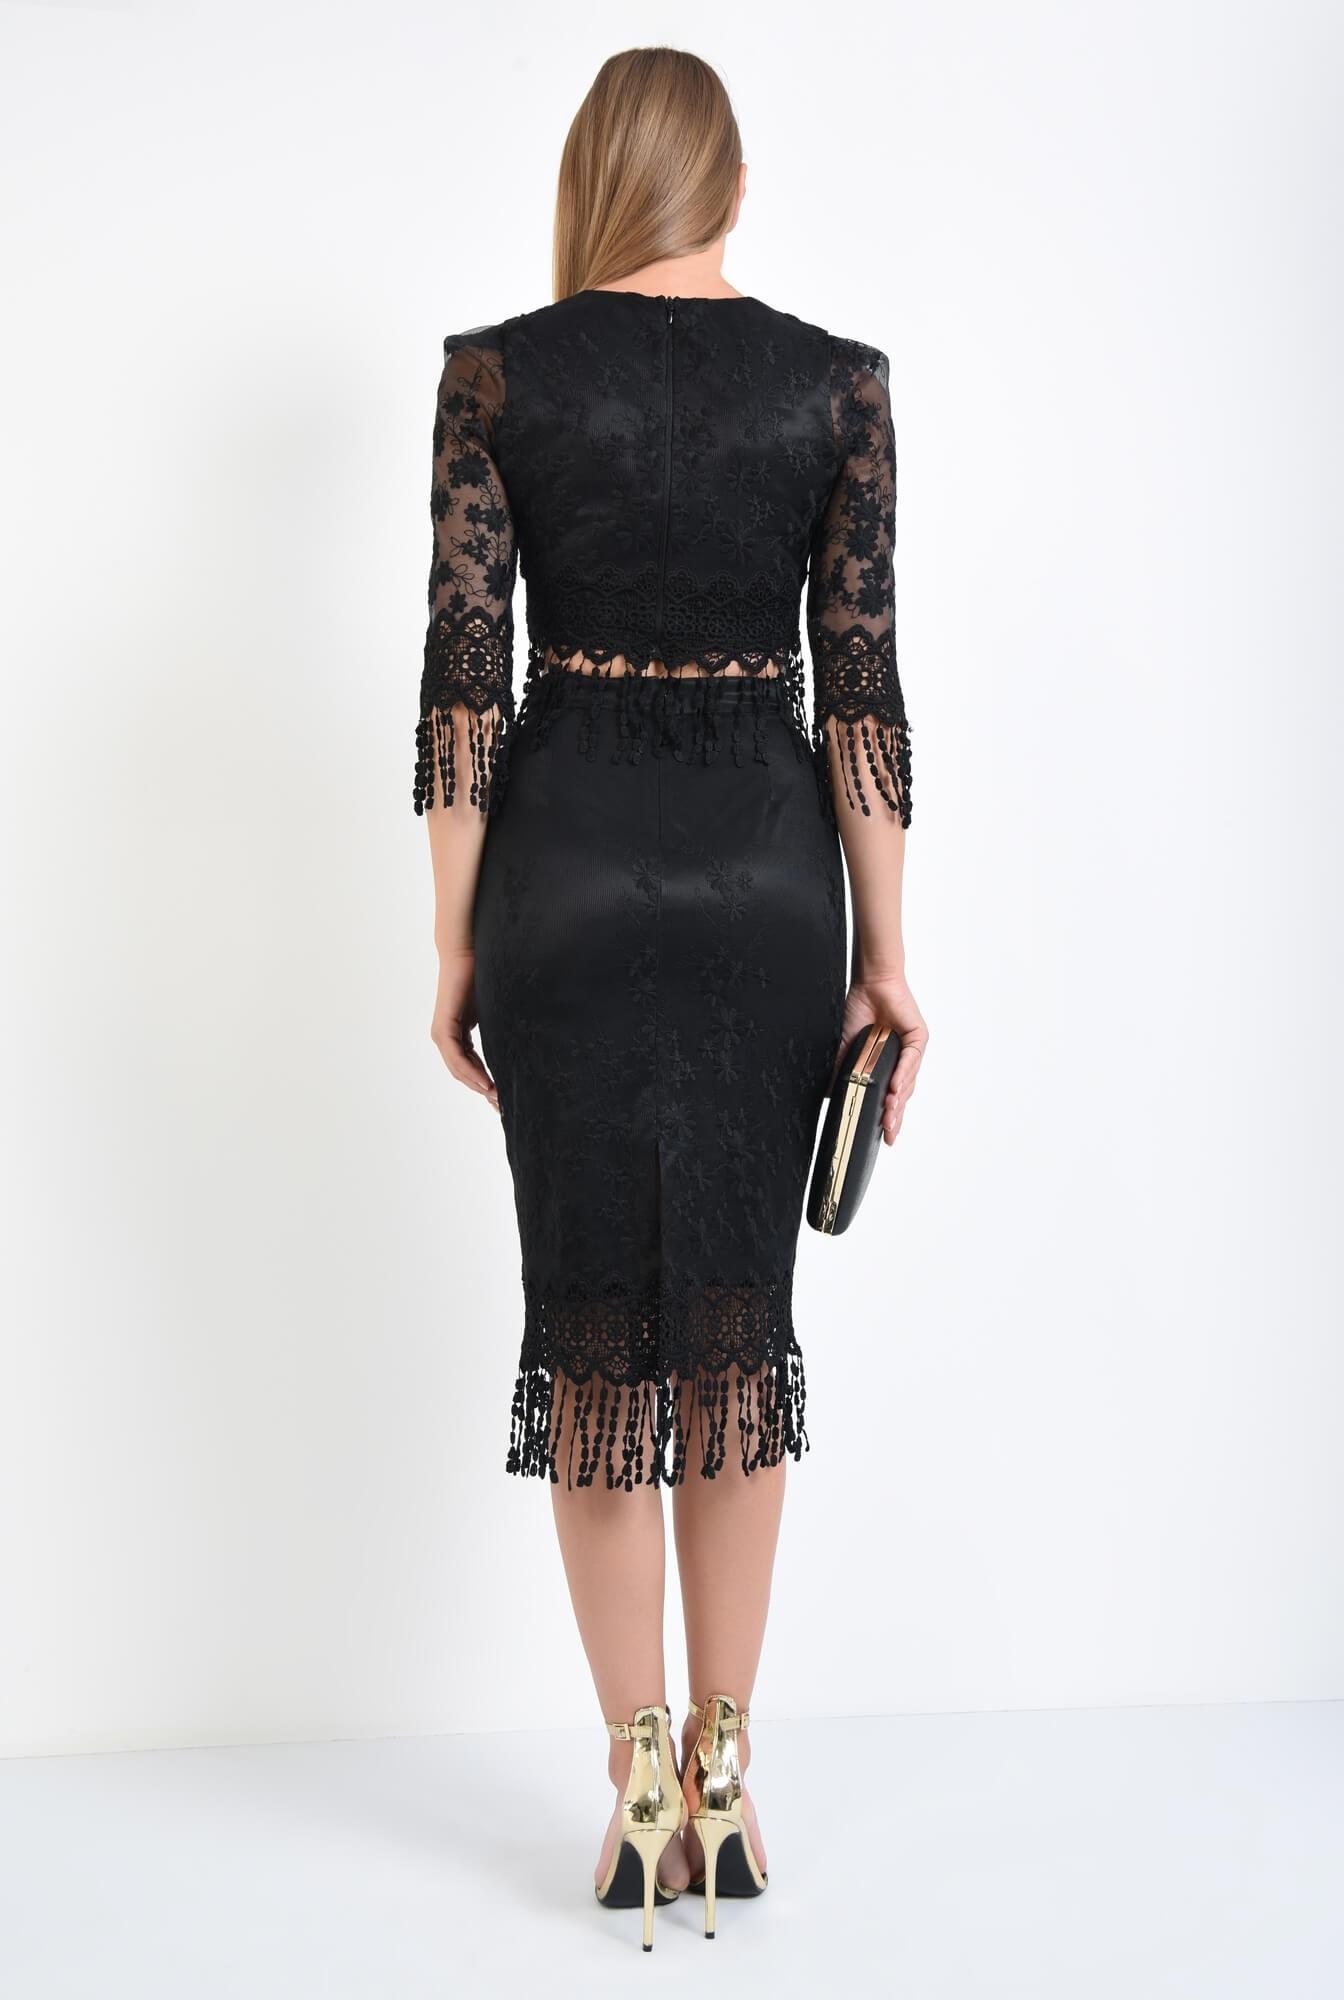 1 - bluza eleganta, cropped top, dantela, negru